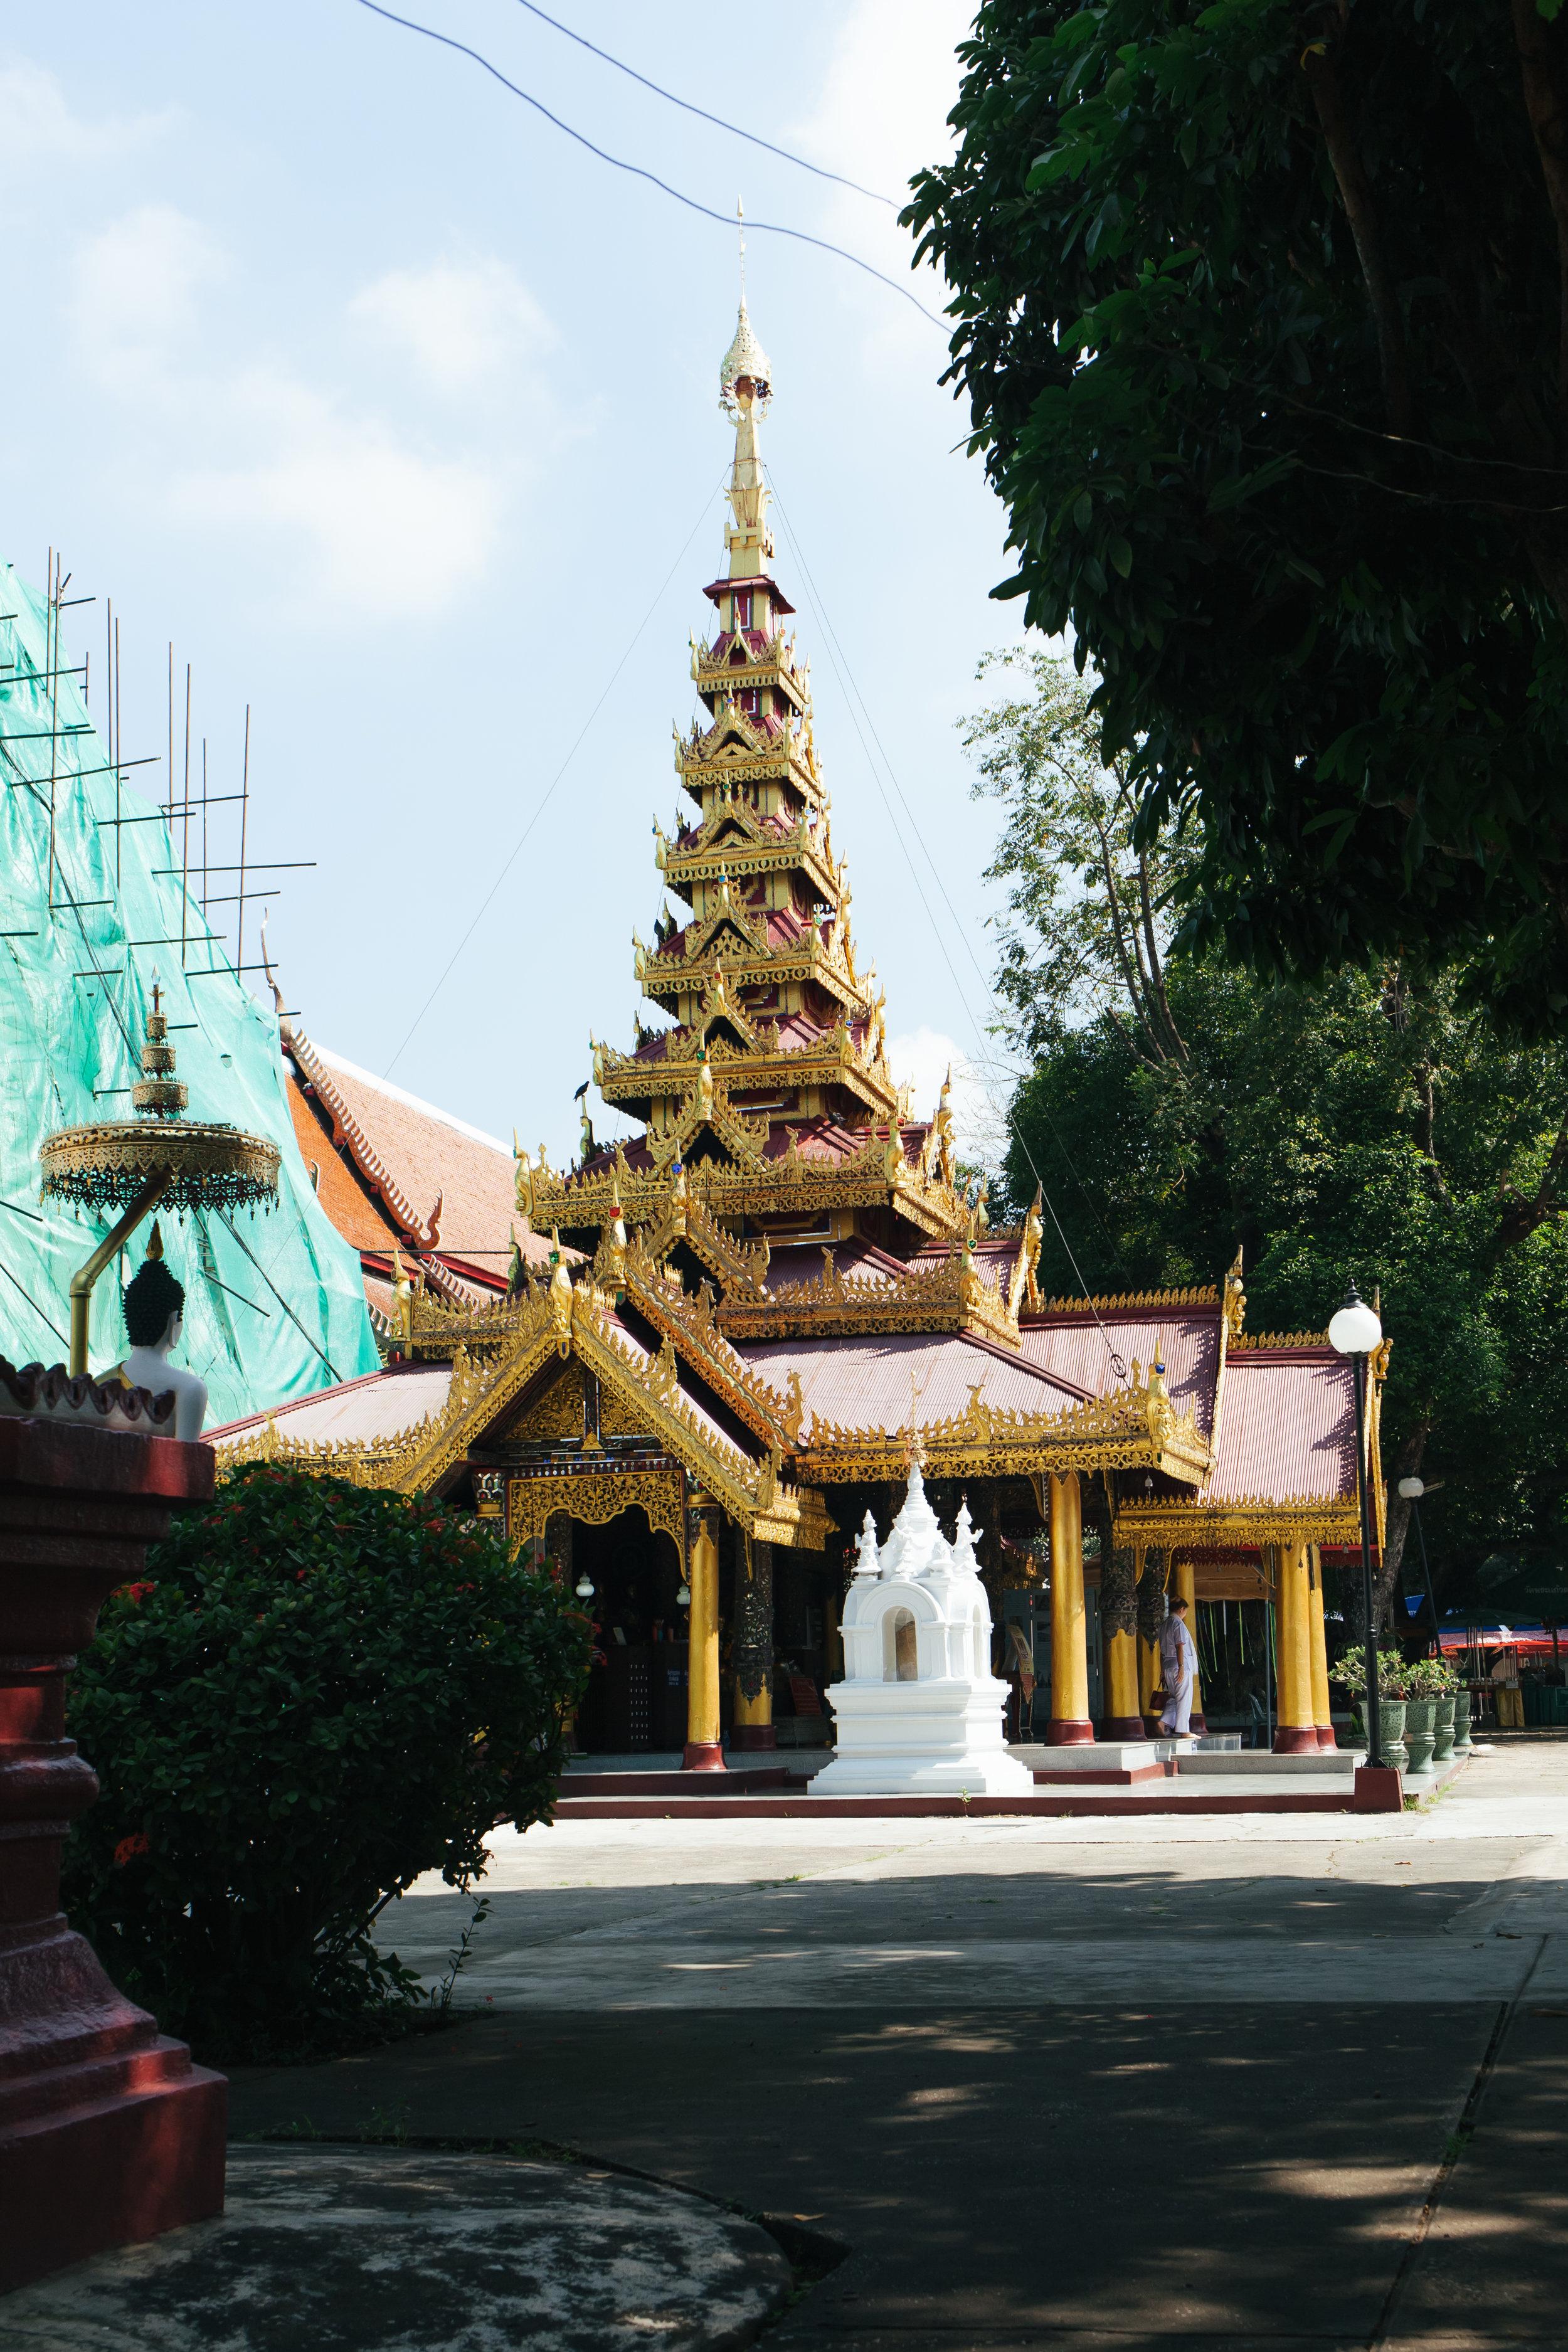 thailand_lampang_ayuthaya_train (8 of 77).jpg